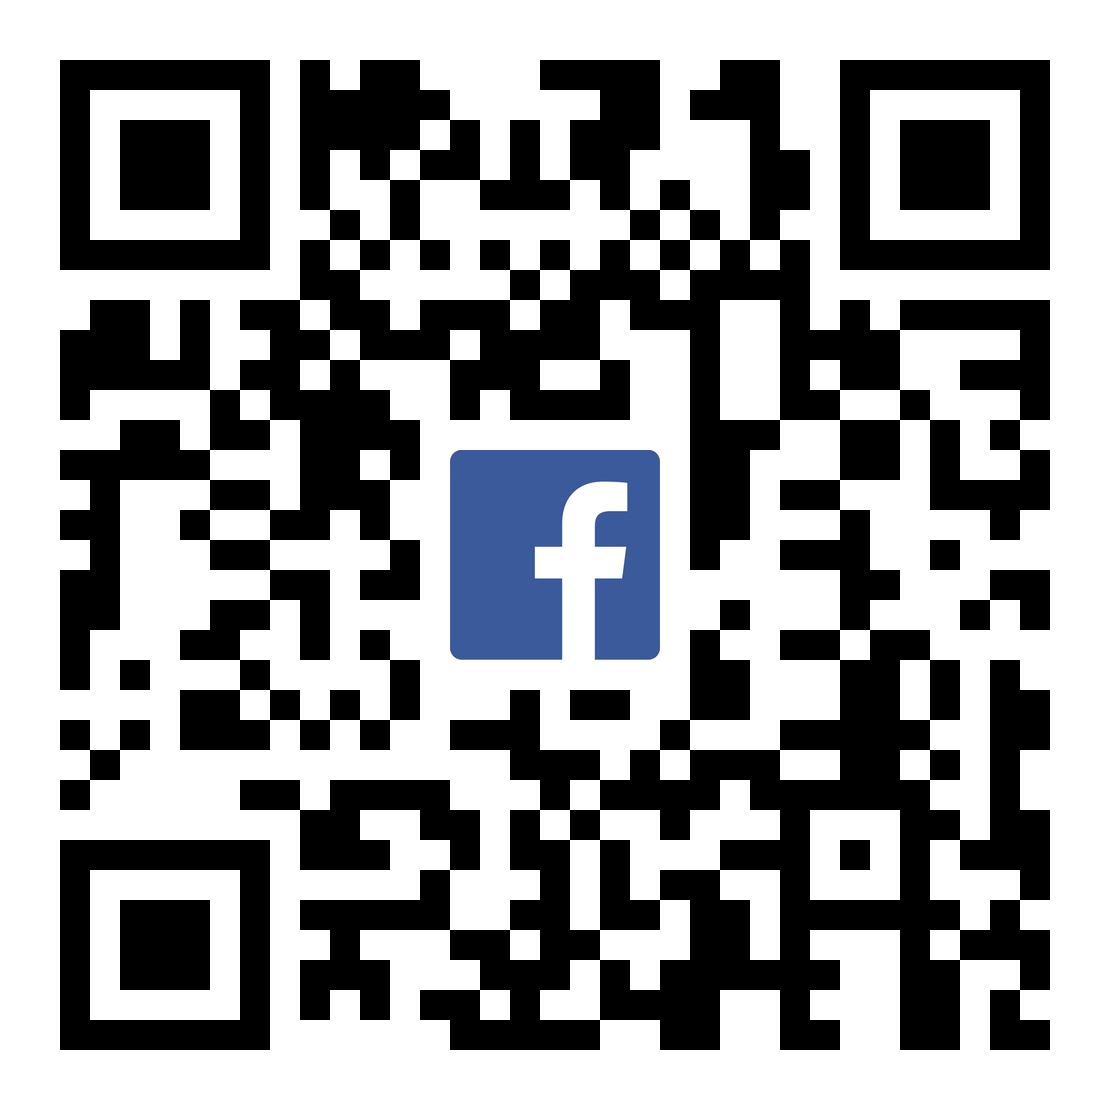 14693625_1600782480218169_7207833726967873536_n.png